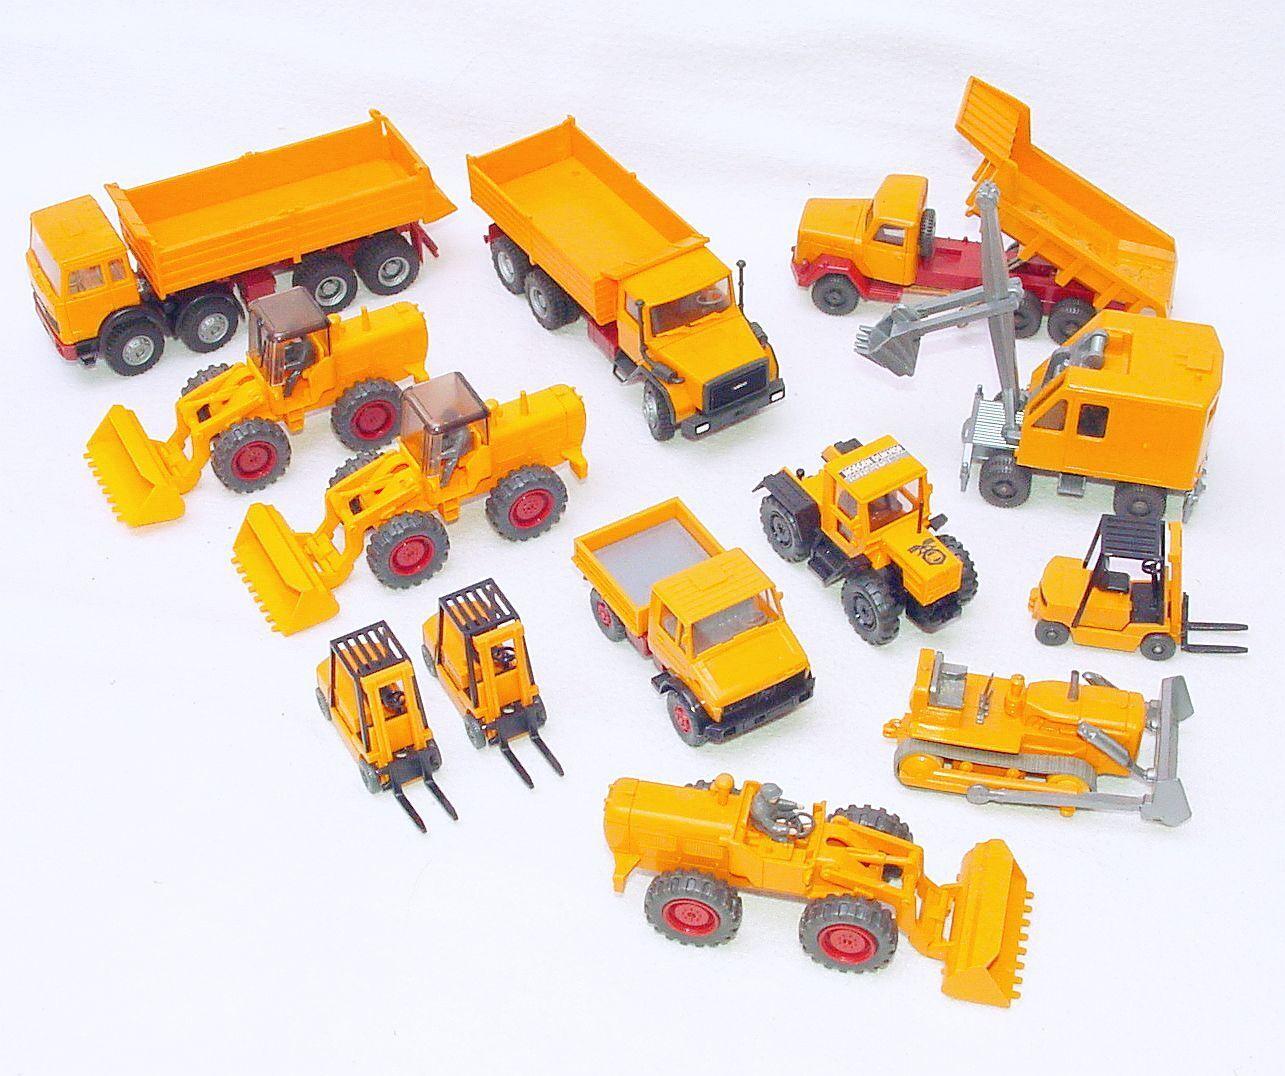 13x WIKING HO  1 87 pelle + Tractopelle + MB TRACTEUR CAMION + homme Camion + chariot élévateur Lot  tous les produits sont spéciaux